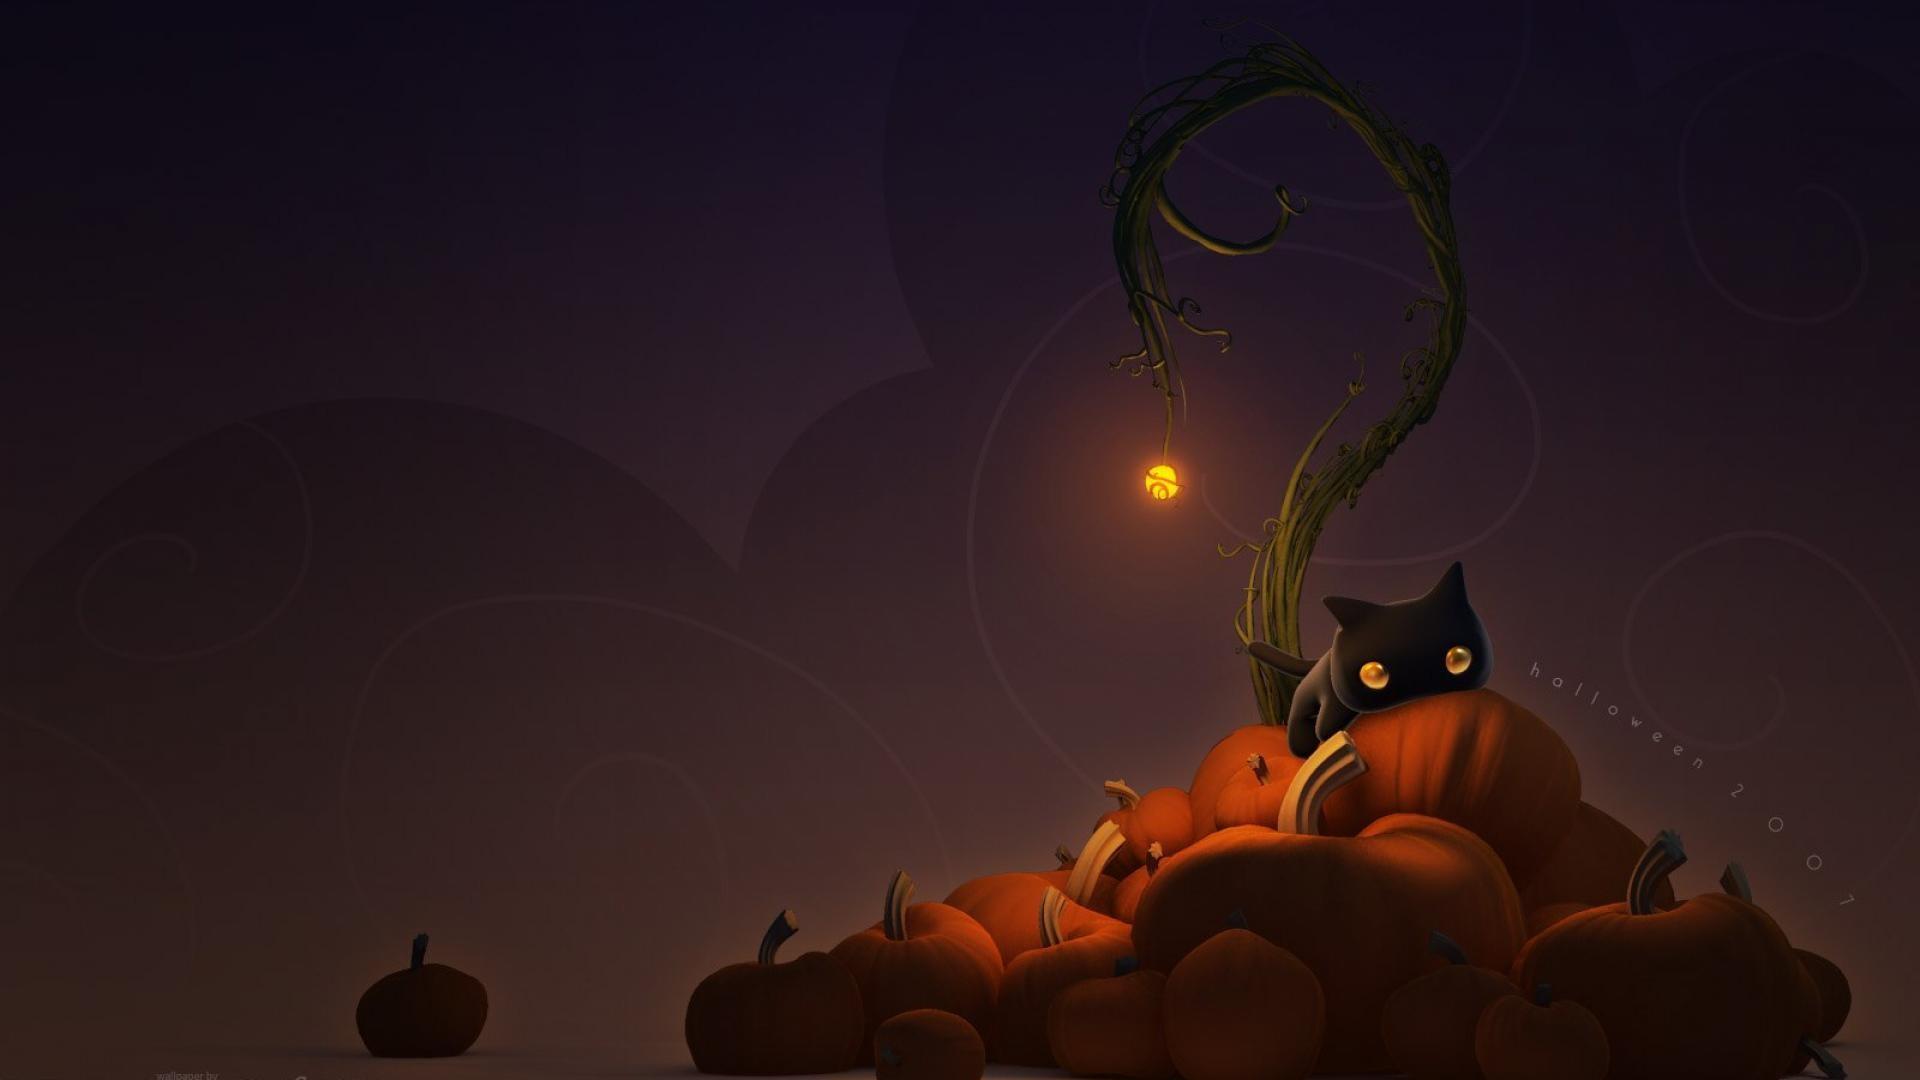 Black Cat Pumpkin Halloween Wallpaper #4956 Wallpaper Themes … Black Cat  Pumpkin Halloween Wallpaper 4956 Wallpaper Themes